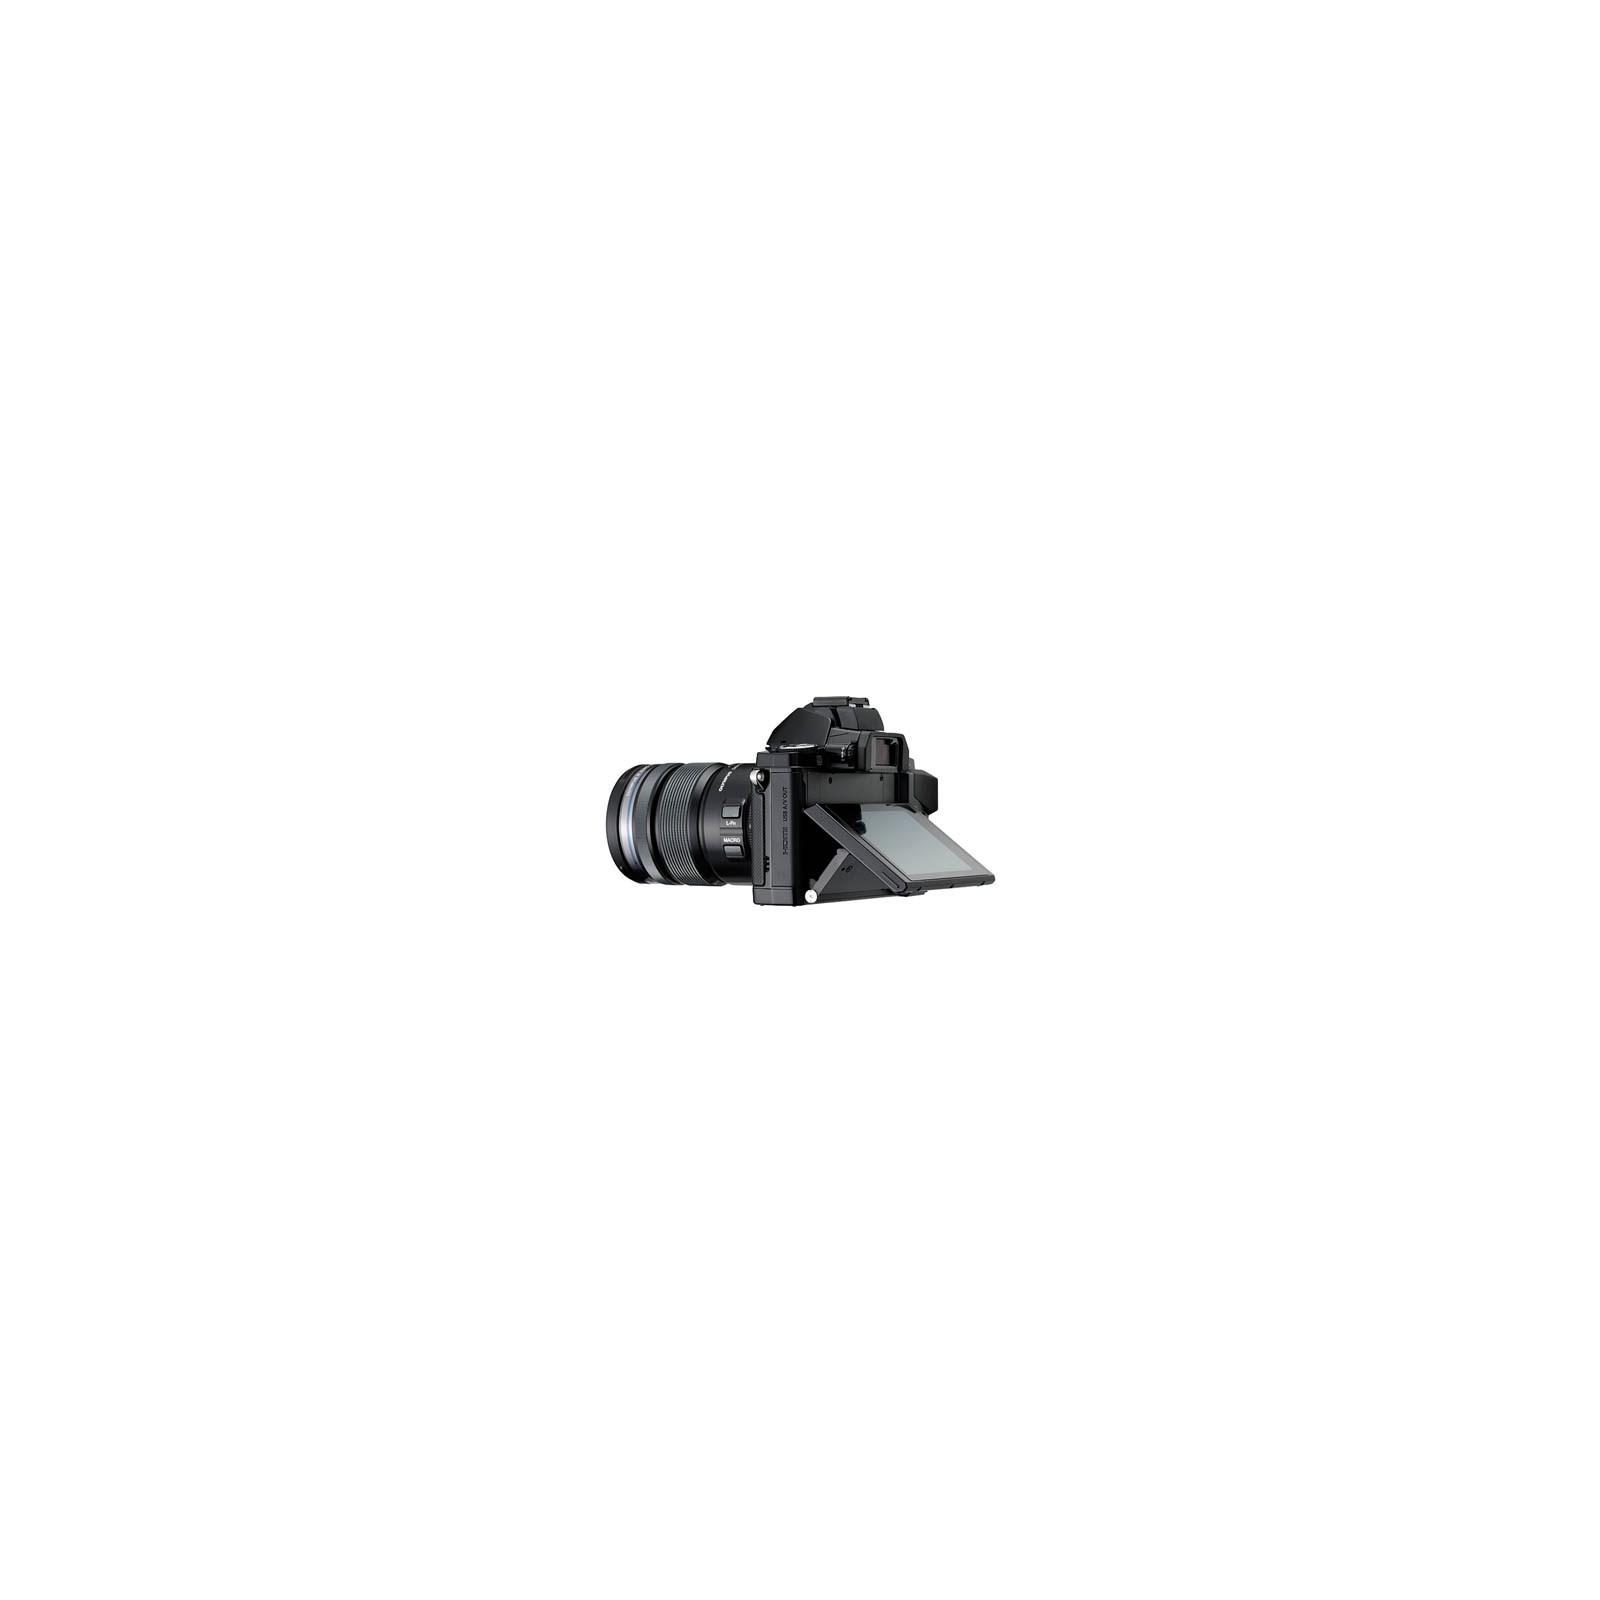 Цифровой фотоаппарат OLYMPUS OM-D E-M5 12-50 kit black/black (V204045BE000) изображение 4